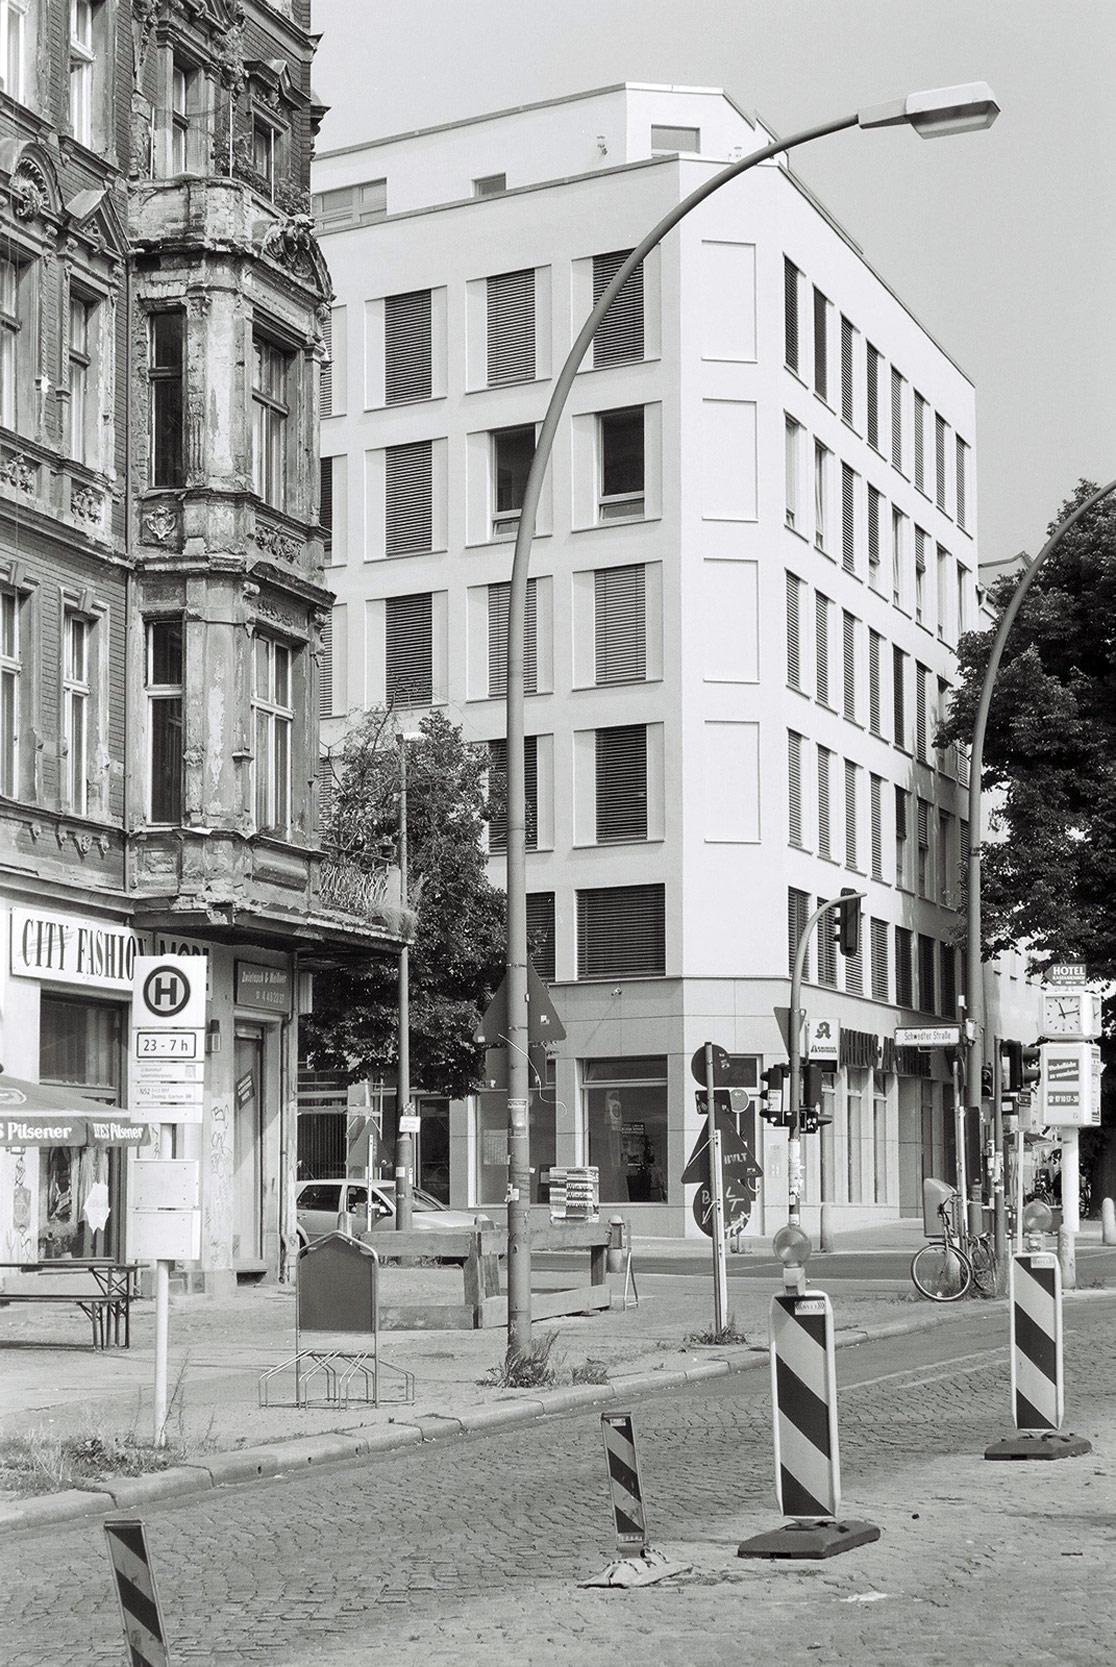 Eckbebauung mit Penthouse Berlin-Mitte am Senefelder Platz